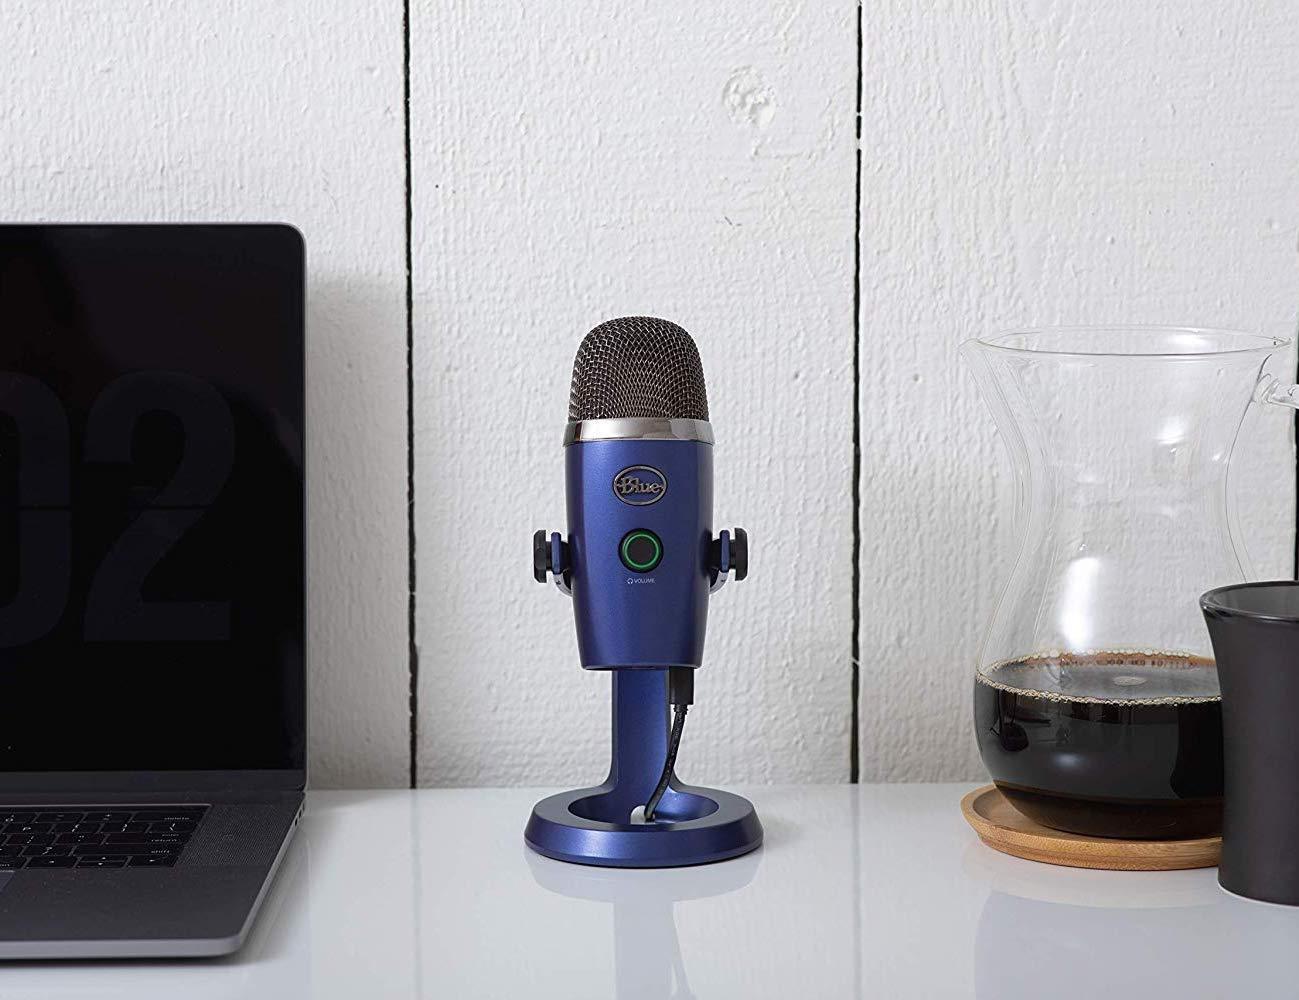 Blue Yeti Nano Premium USB Mic